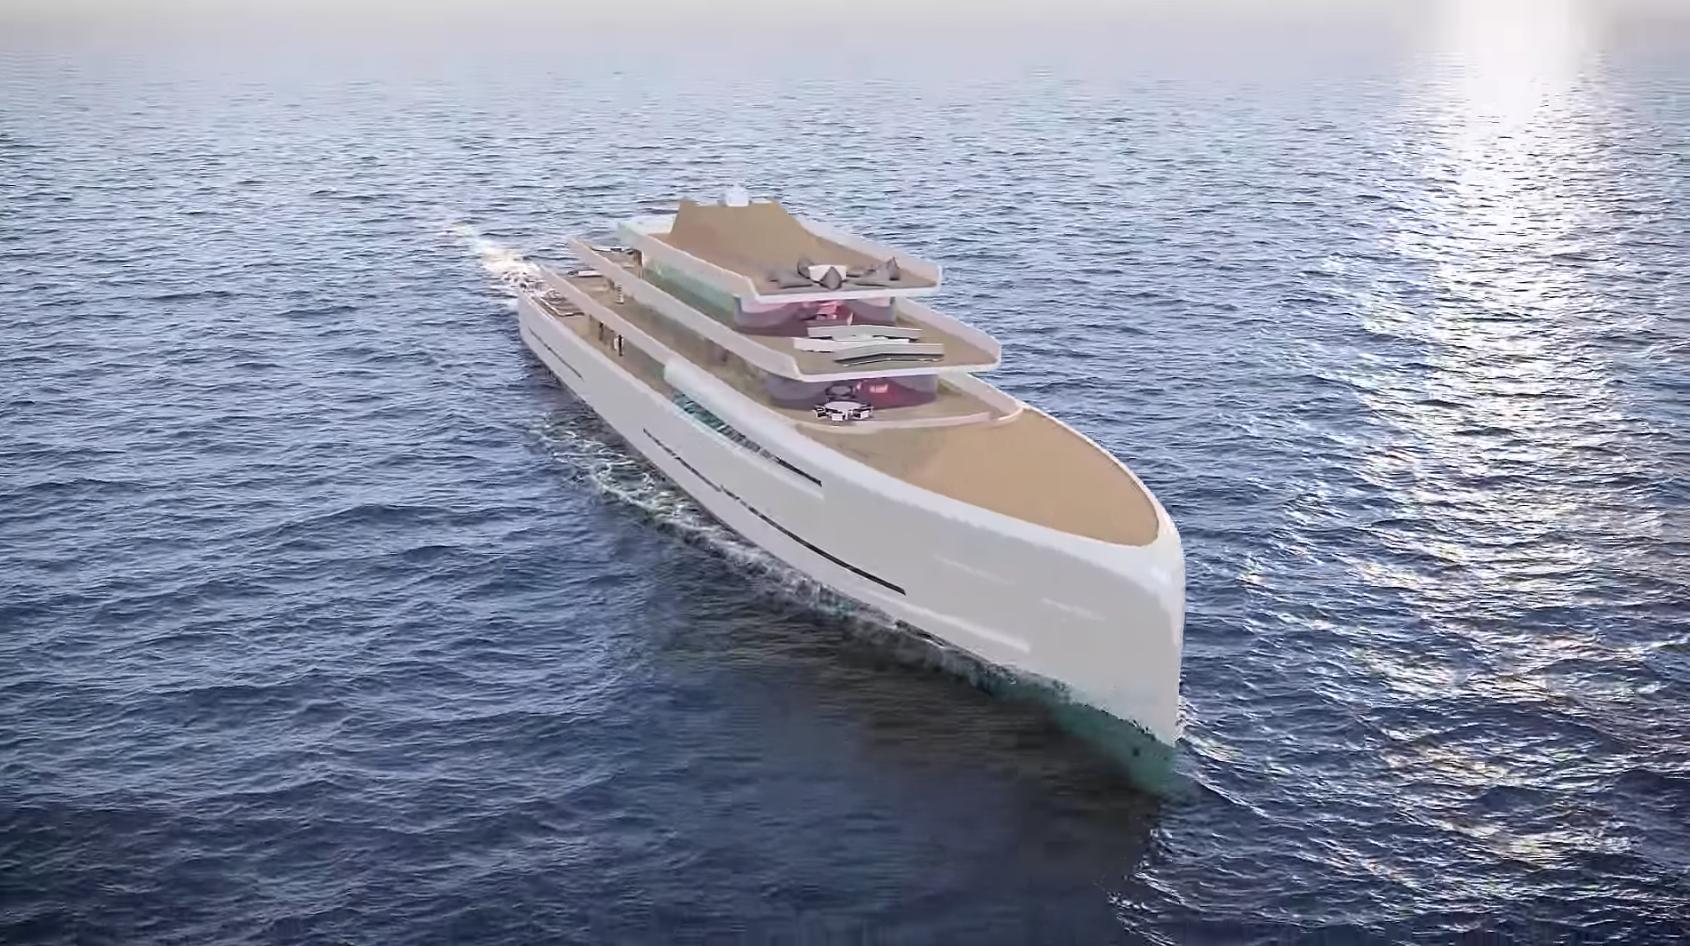 Lőrinc álma: készül a 200 millió fontos szuperjacht, ami         láthatatlanná válik a vízen